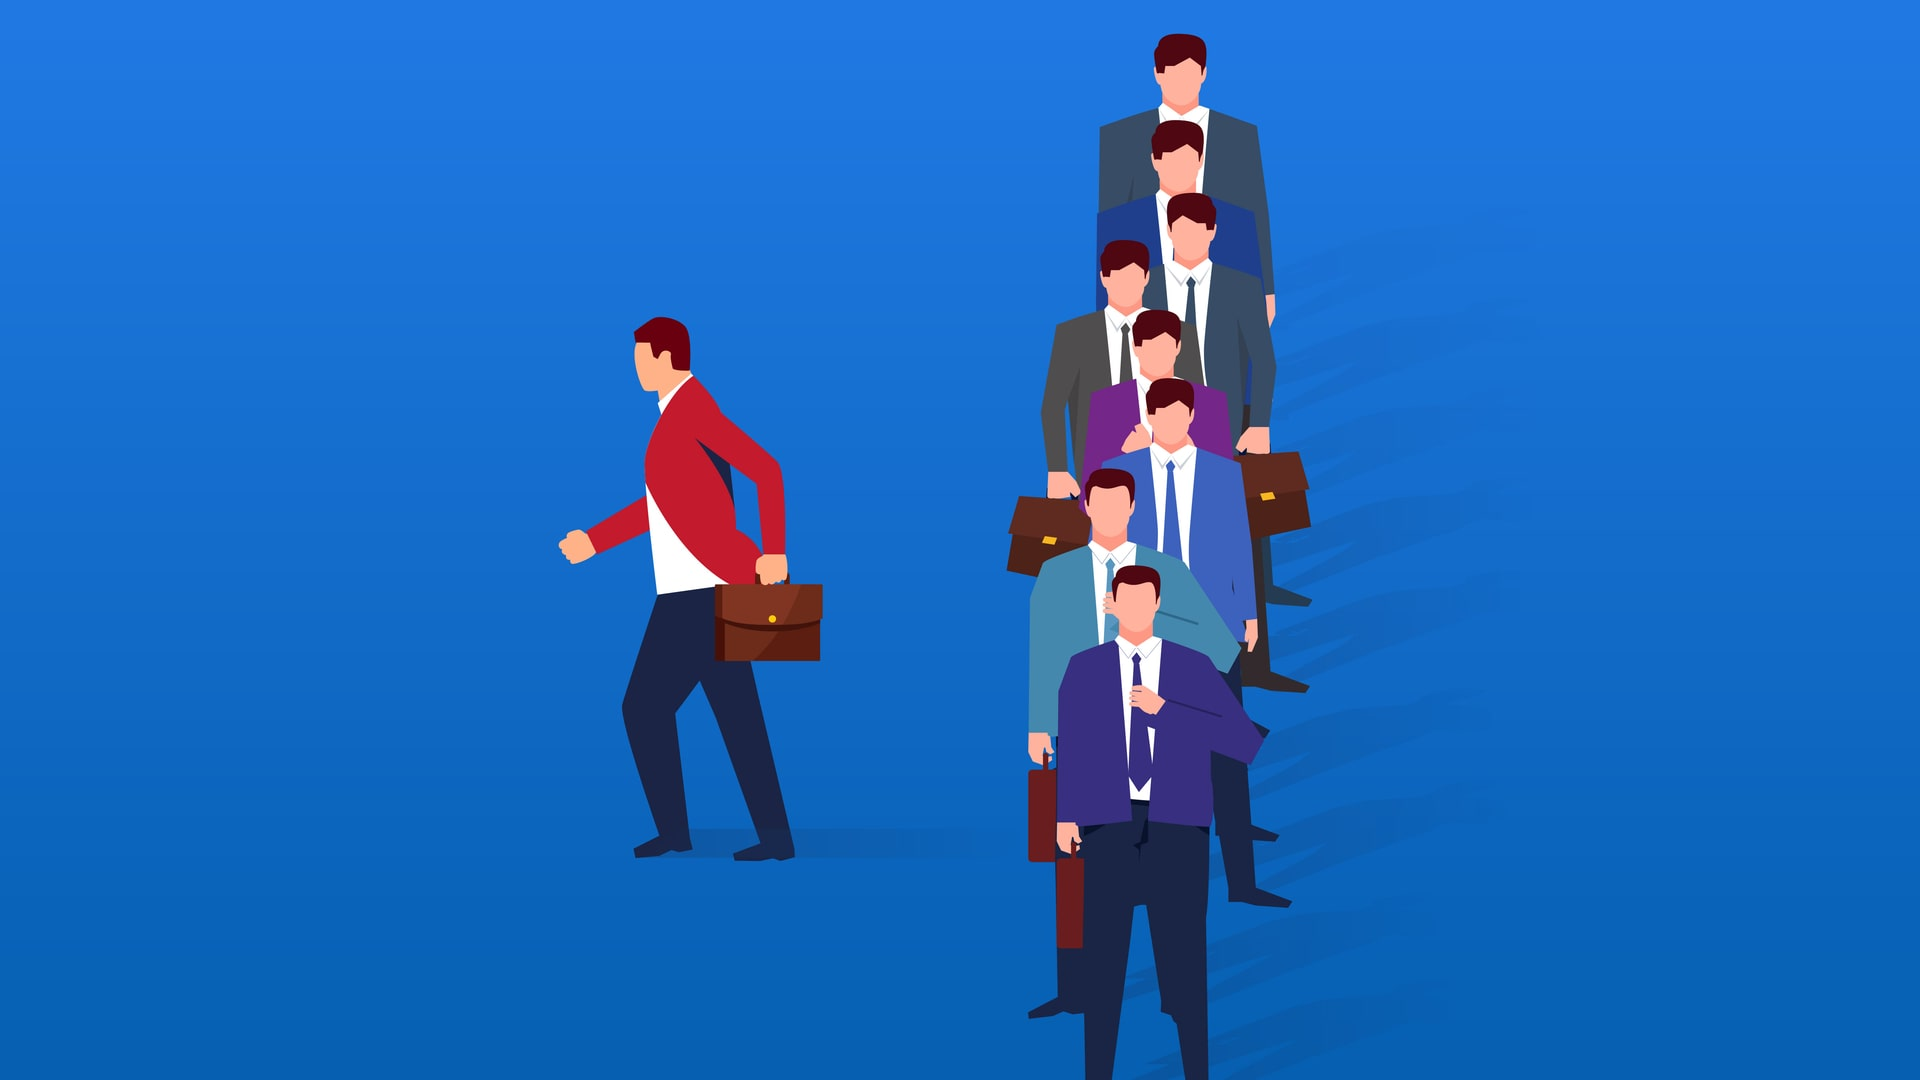 なぜ部下が辞めるのか?介護職の離職率や離職理由について解説